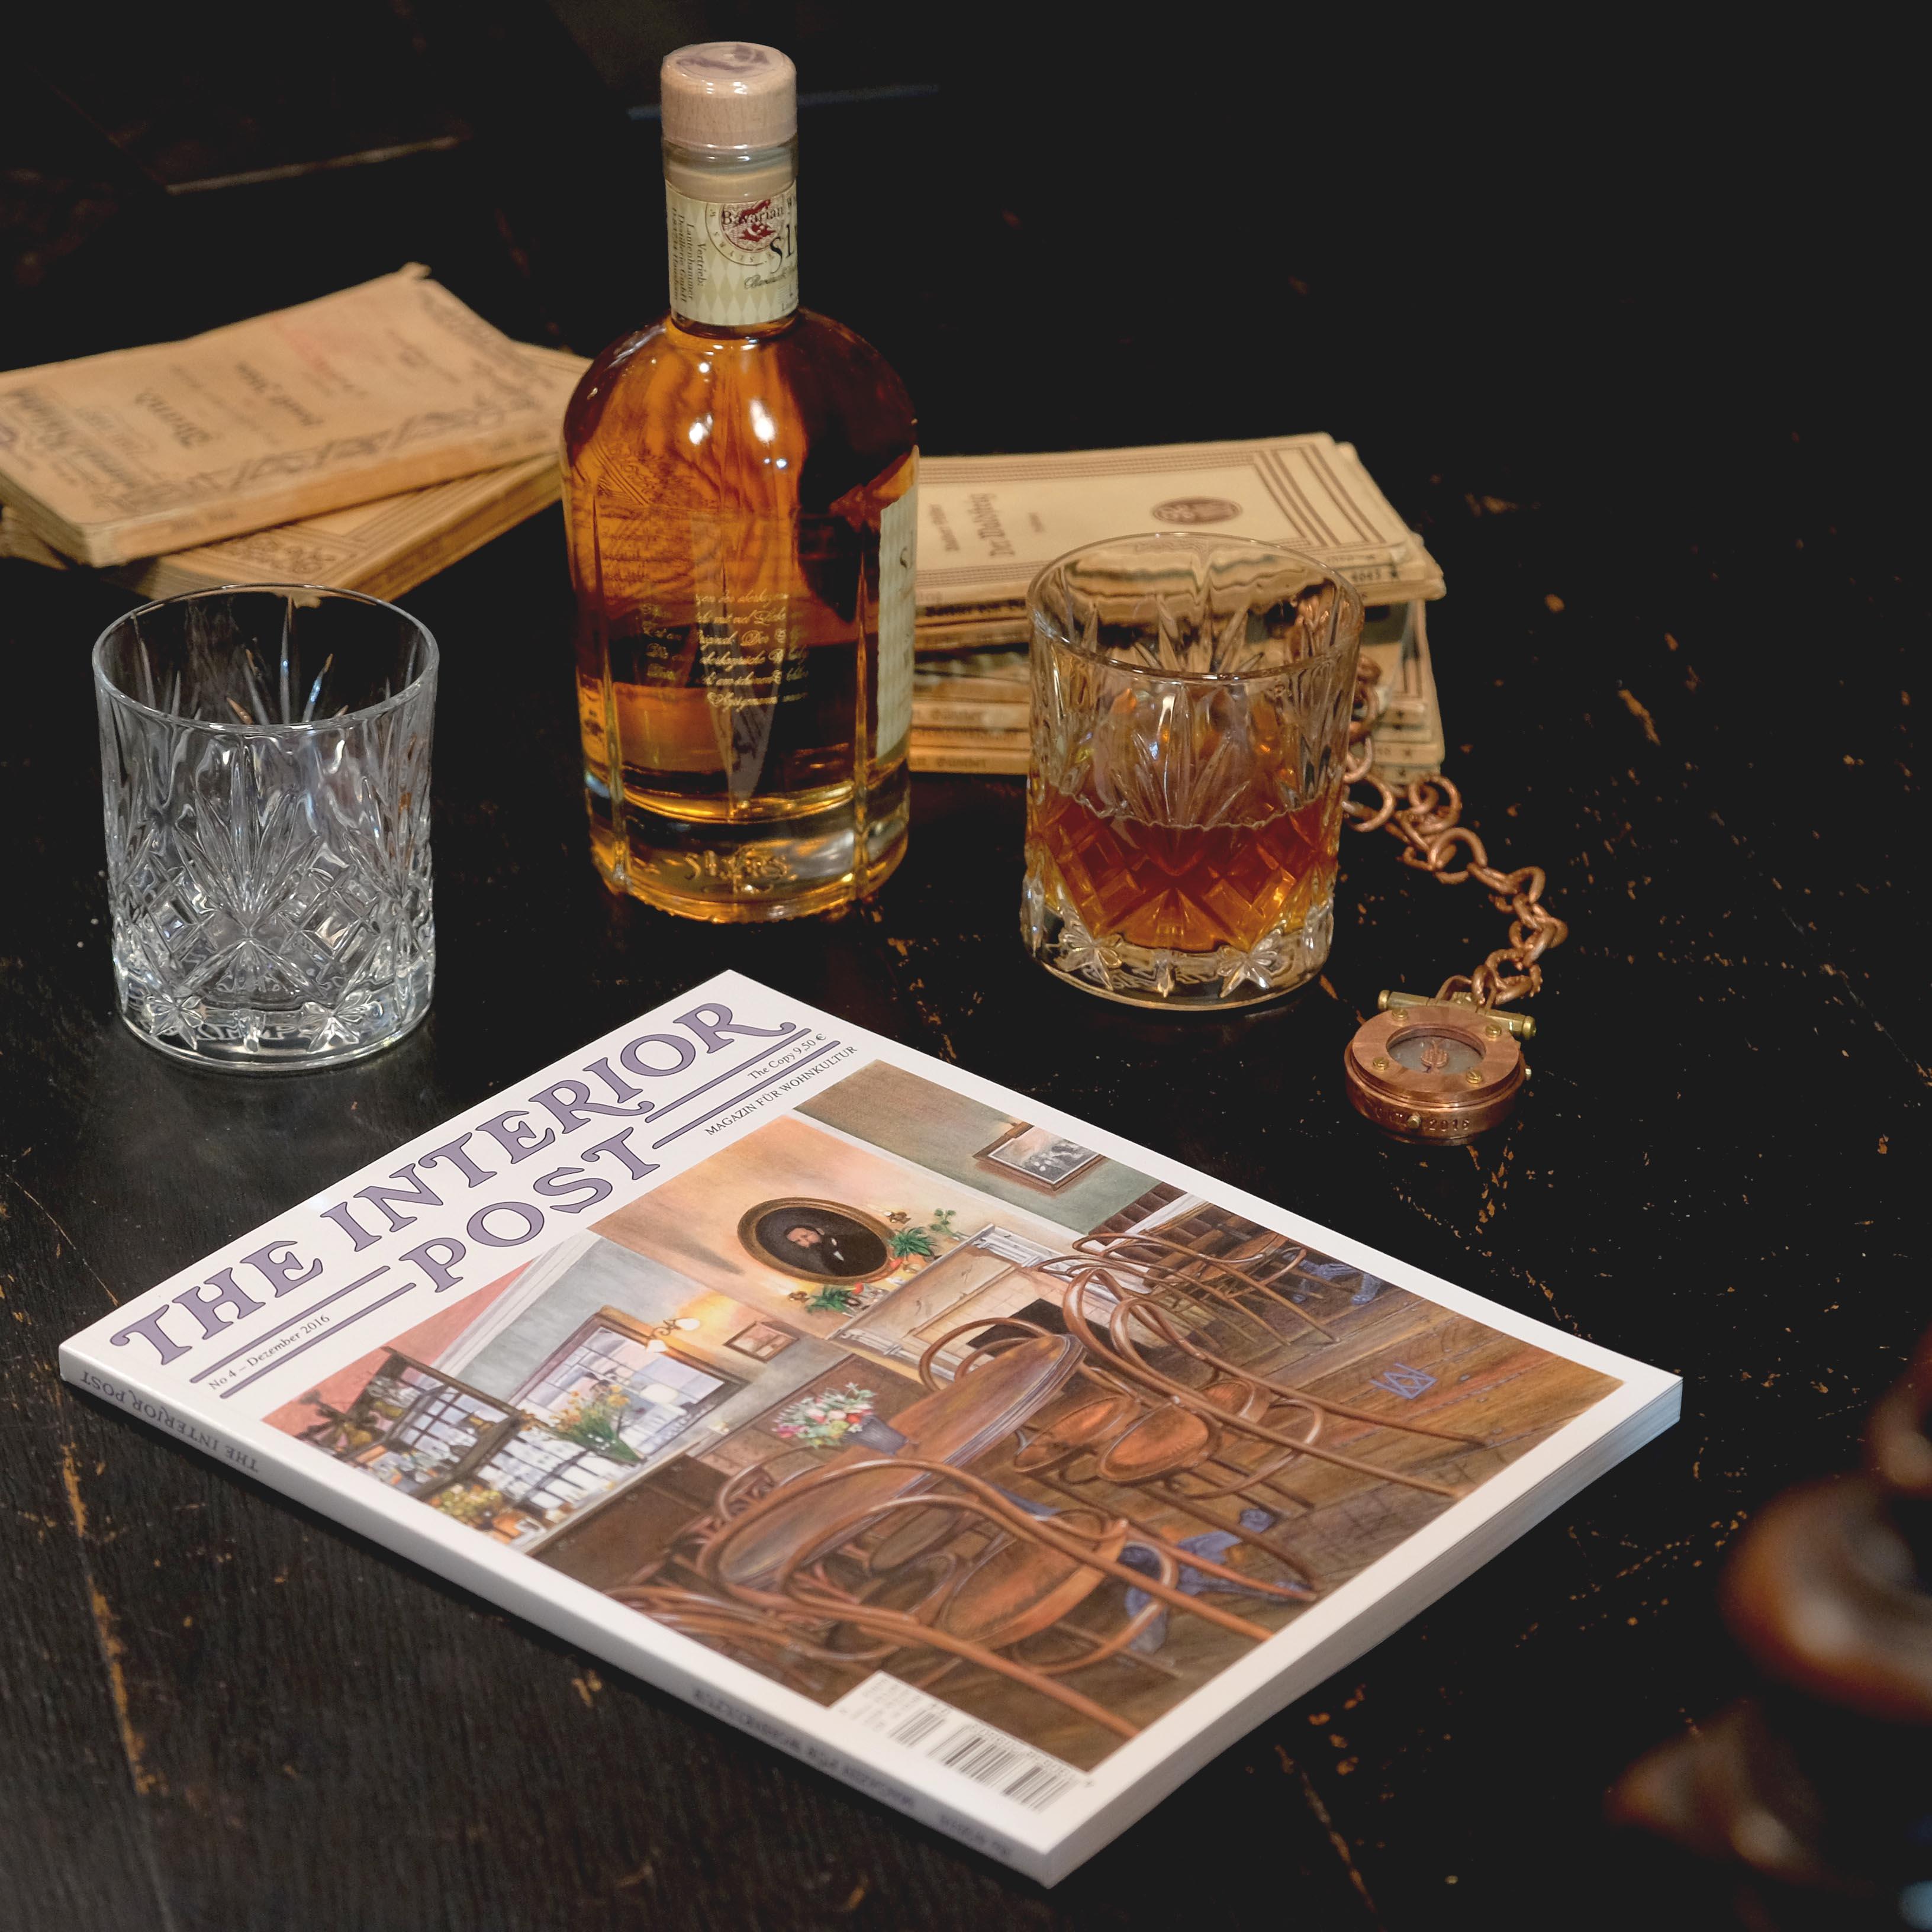 Möbelzeitung Neue Ausgabe New Issue No 4 Out Now The Interior